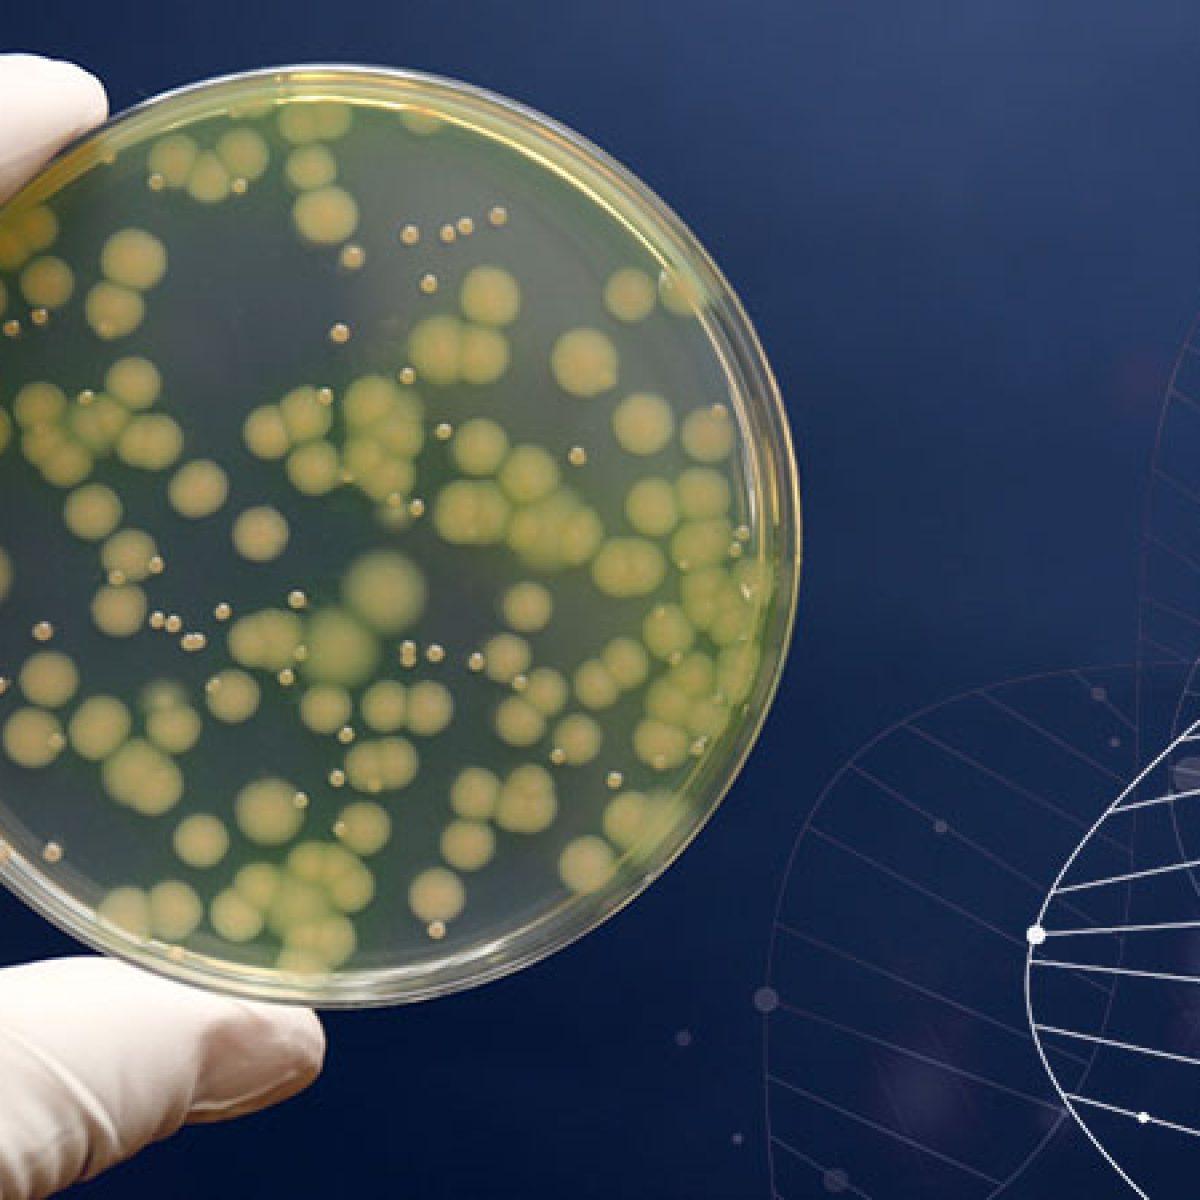 細菌の鑑別 緑膿菌 Pseudomonas aeruginosa